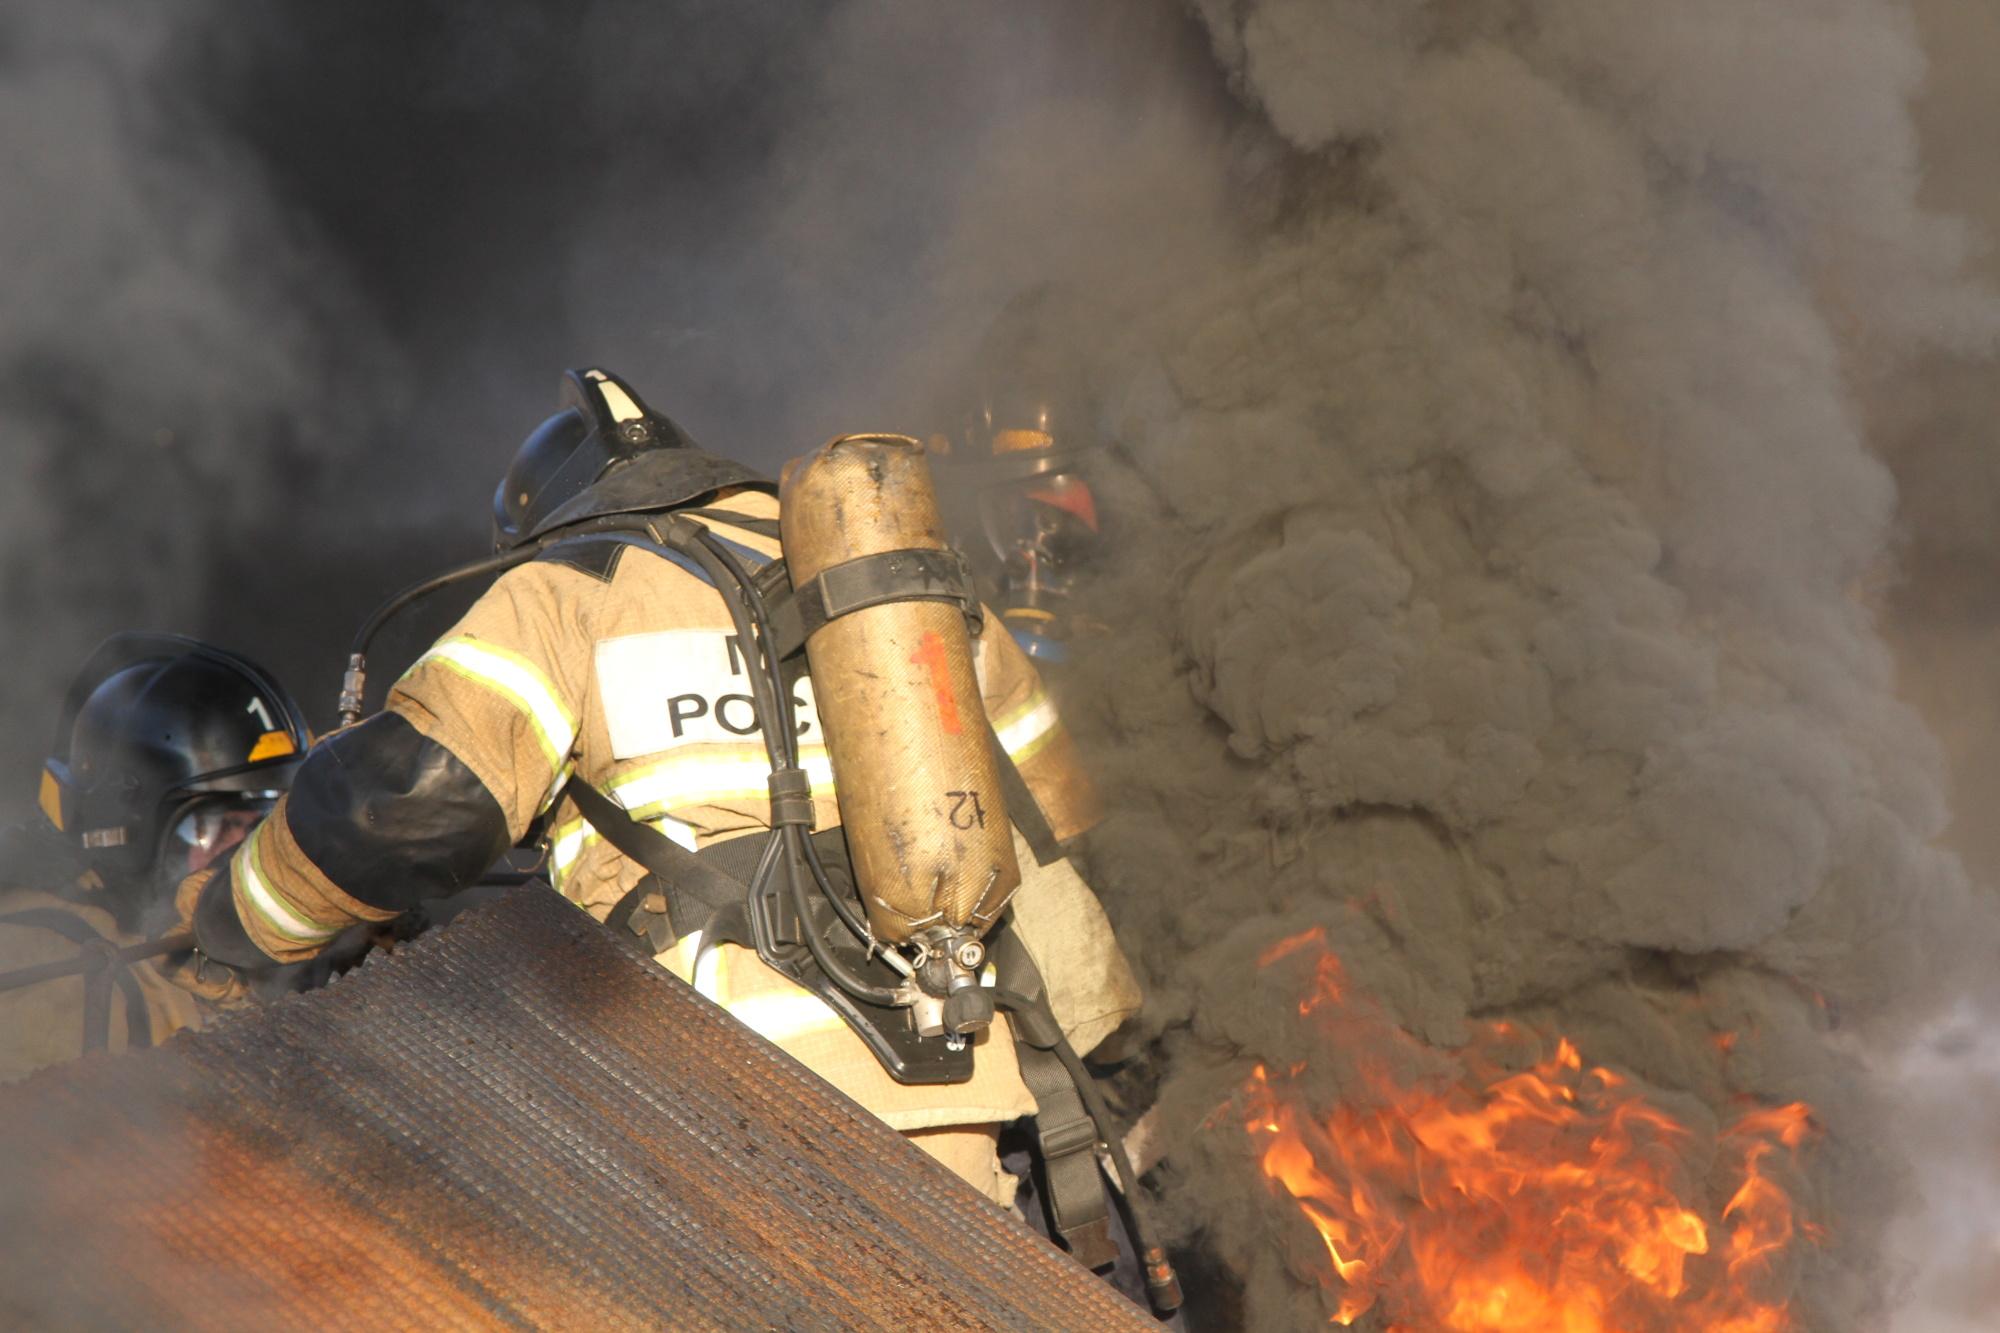 В посёлке Палане огнеборцы при тушении пожара спасли материальные ценности на сумму около двух миллионов рублей